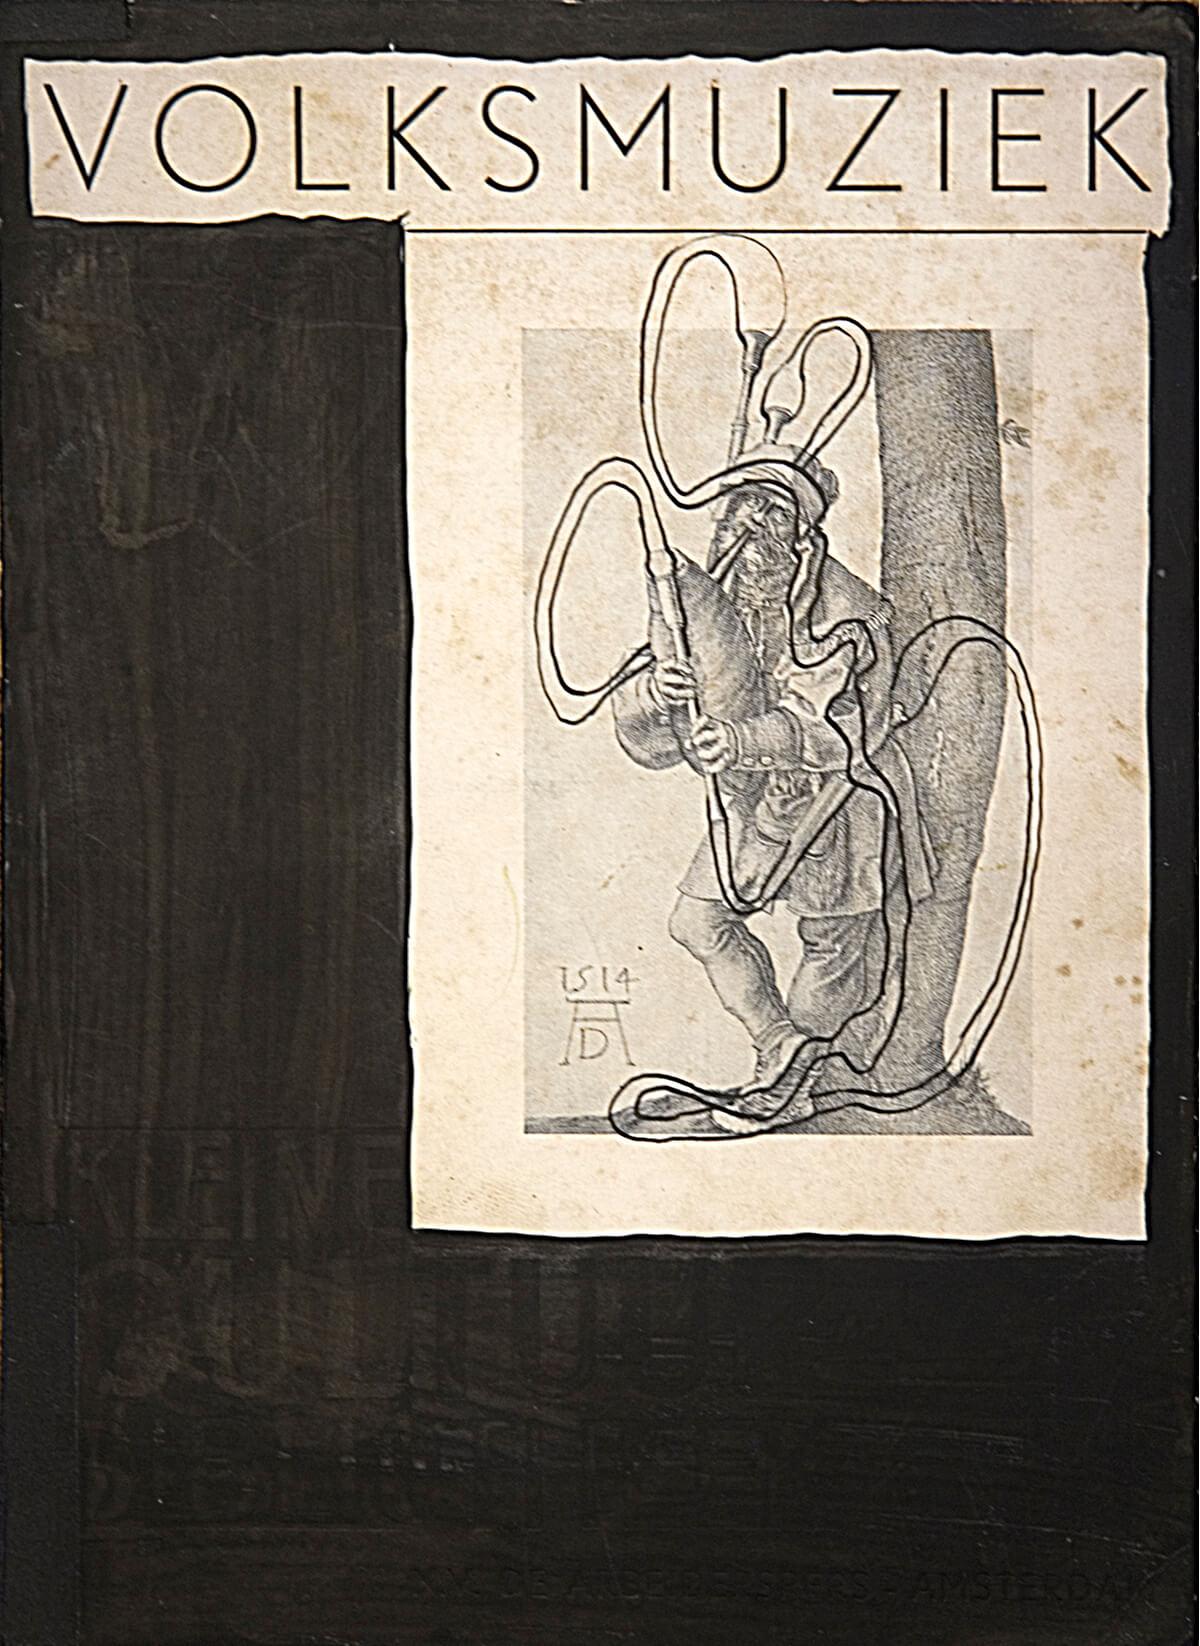 Volksmuziek, cover, closed 20.2 x 15 cm, 2002